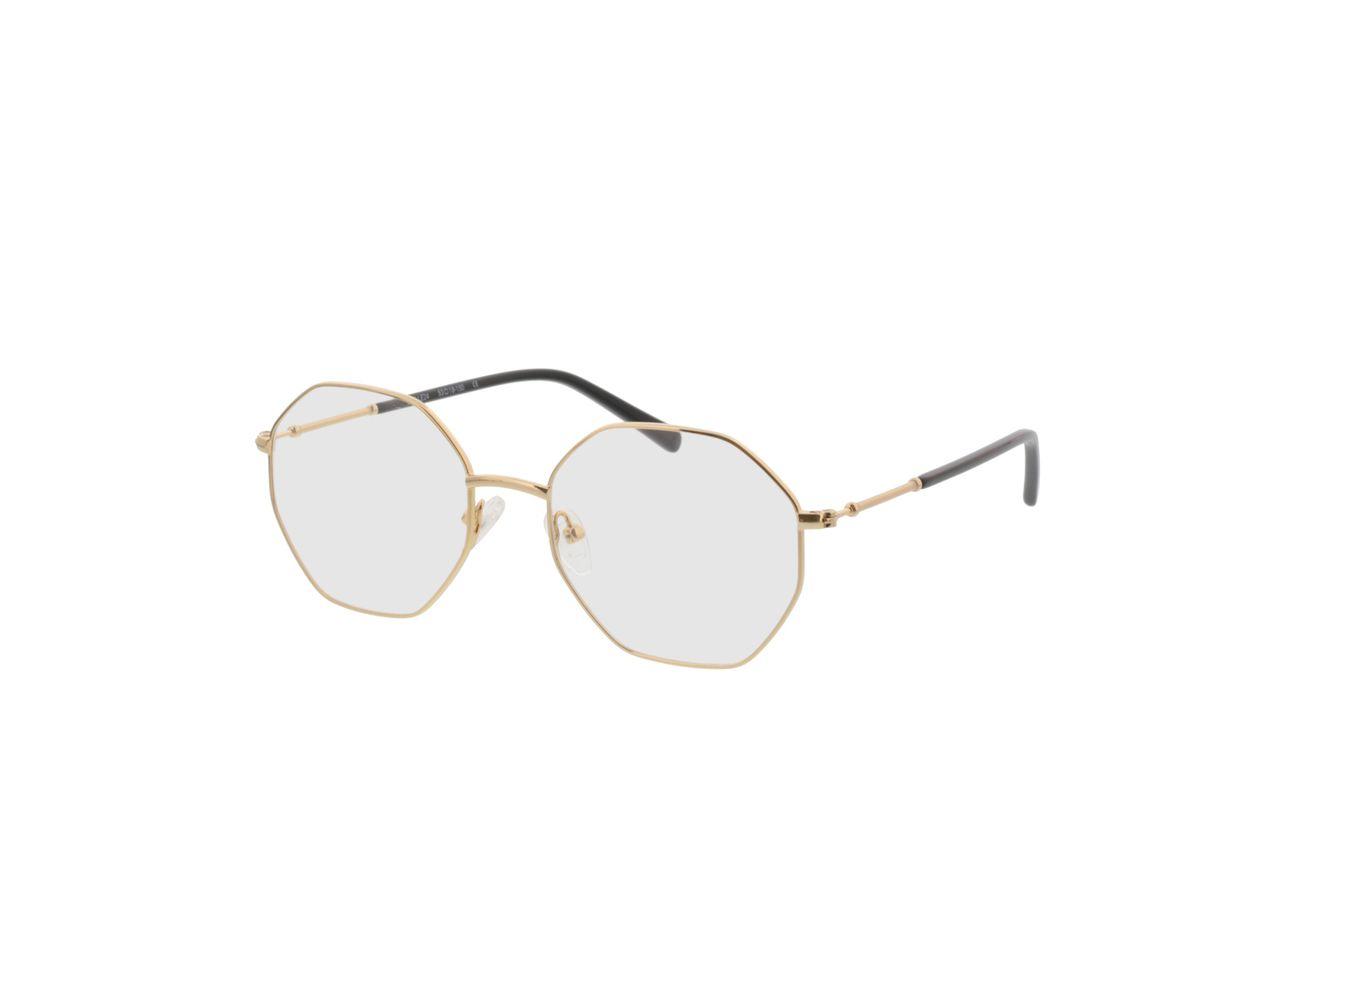 4153-singlevision-0000 Comox-gold Gleitsichtbrille, Vollrand, Eckig Brille24 Collection